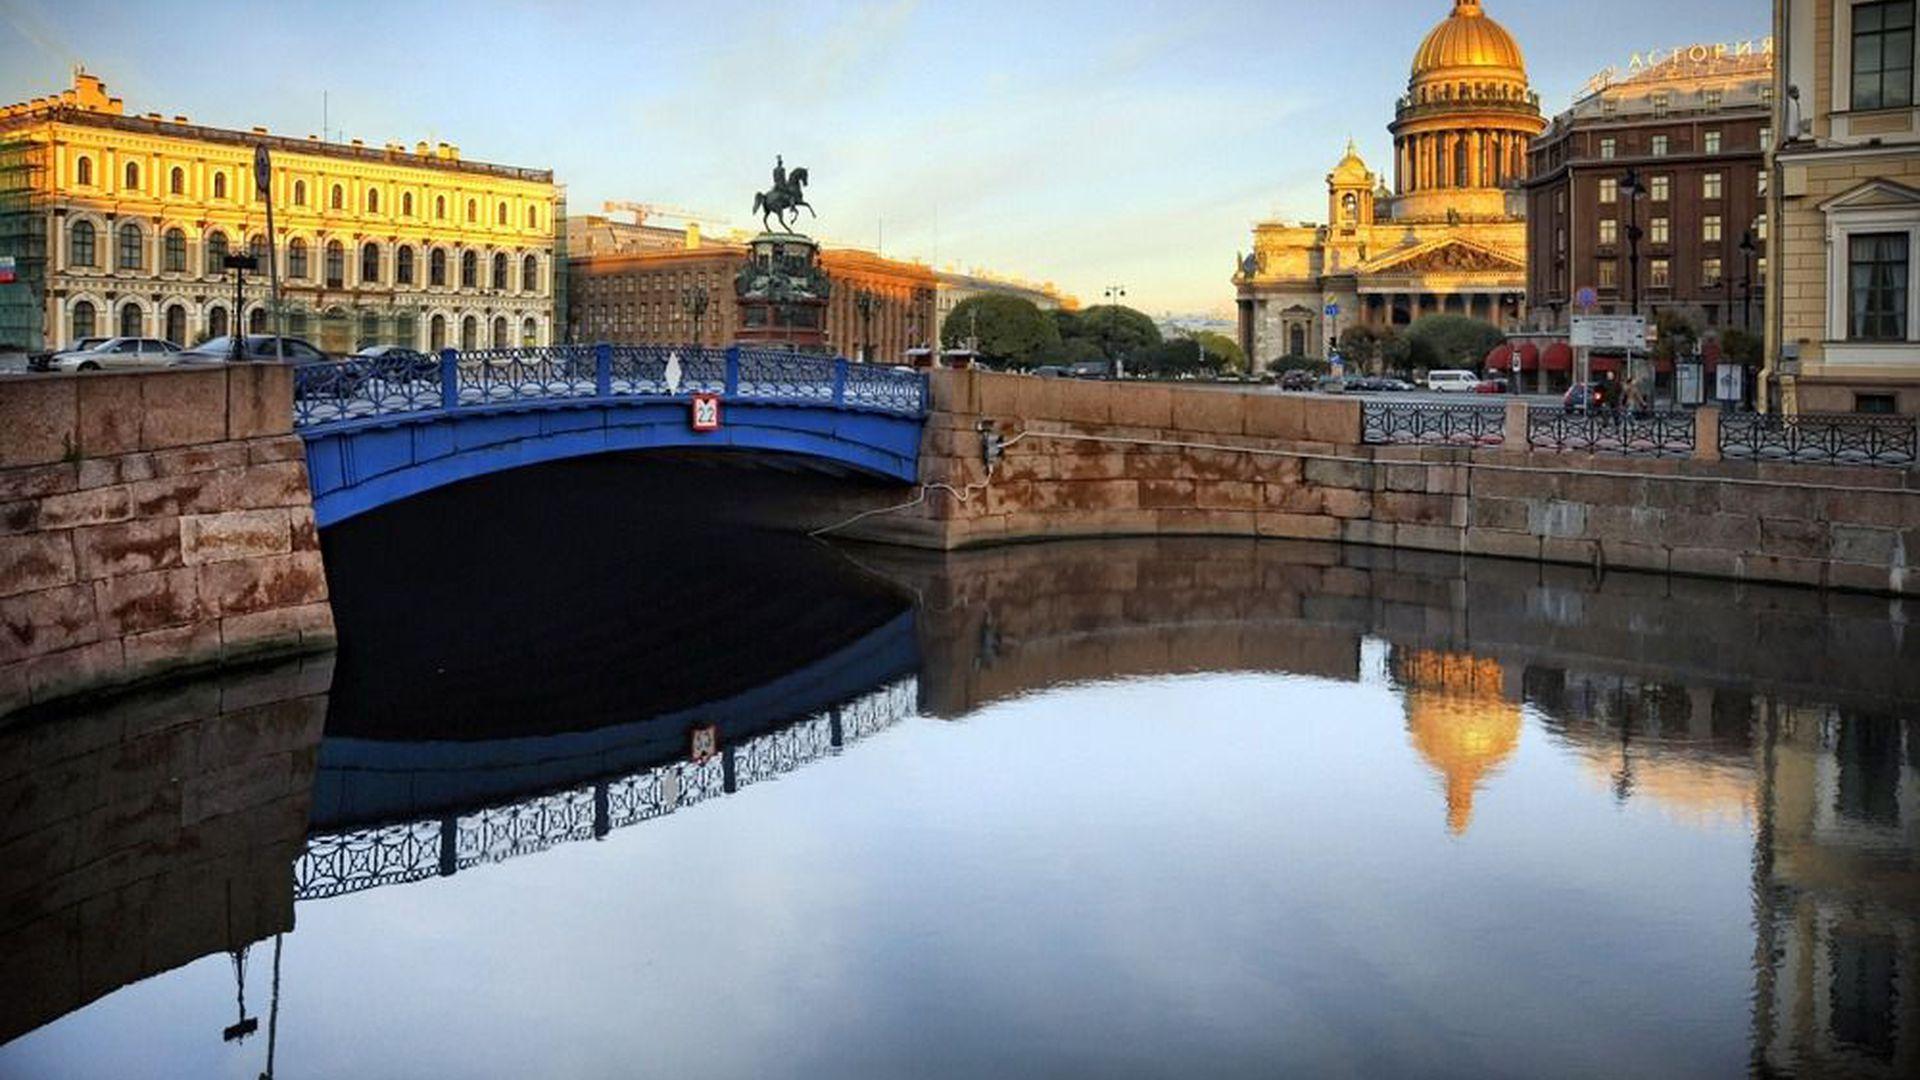 Исторический центр Петербурга: прогулка от м. Адмиралтейская